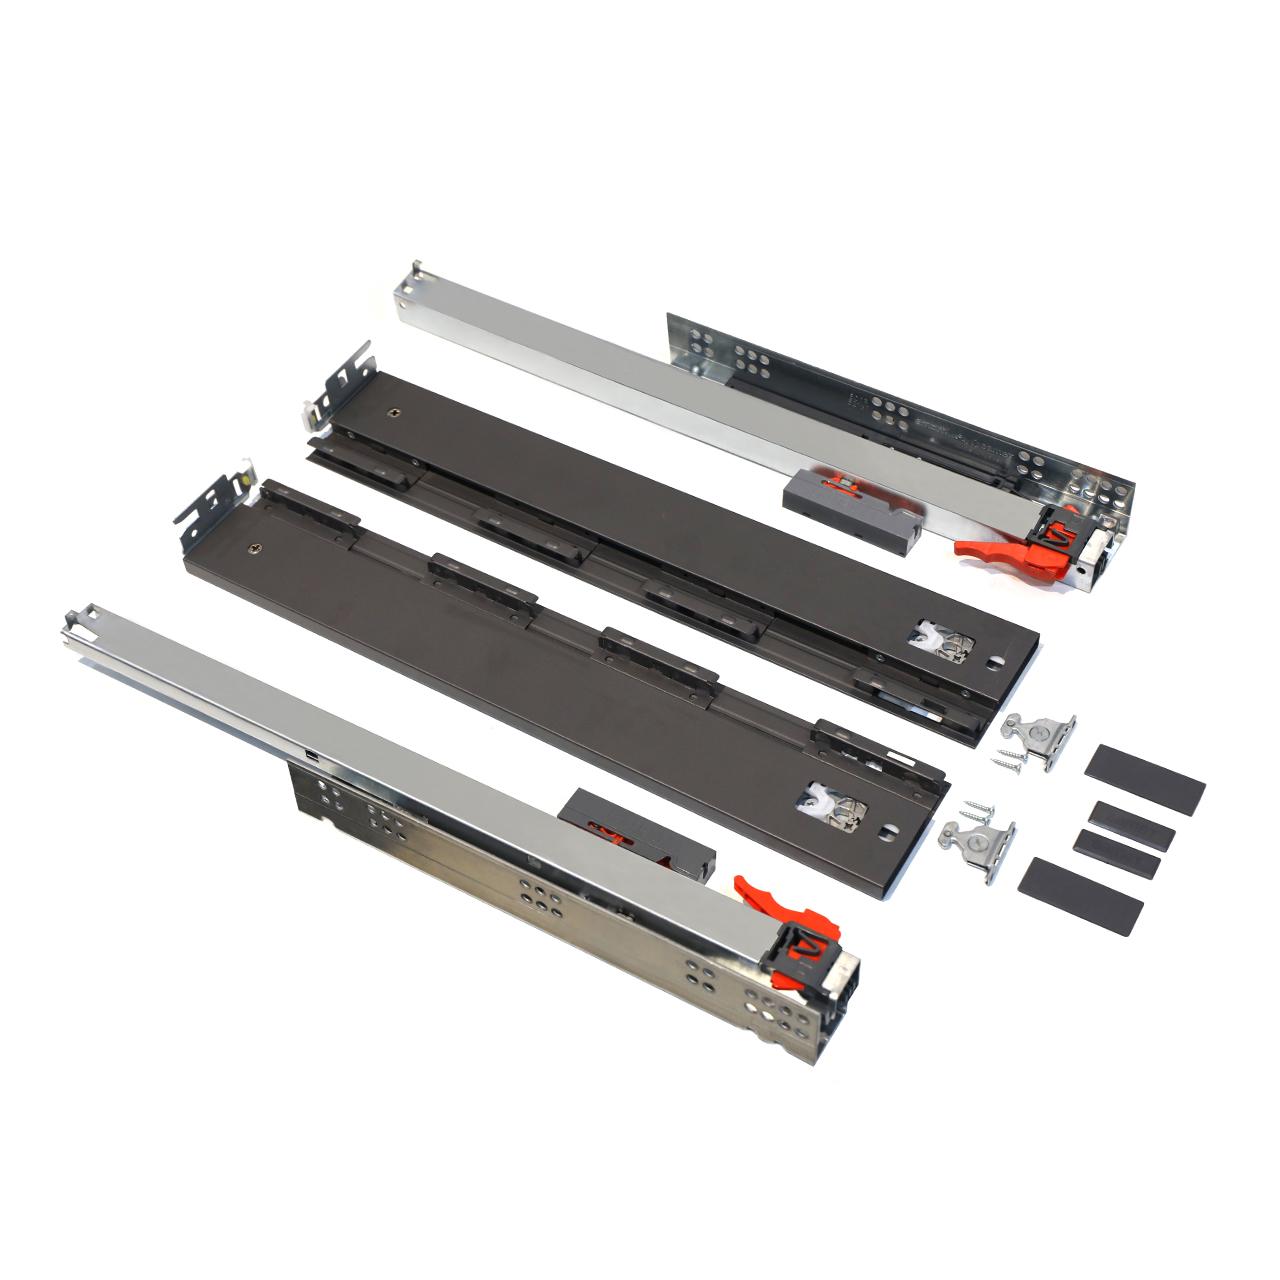 ریل کشو فشاری صامت مدل SmartFlow F40H58 سایز 40 سانتیمتری بسته 2 عددی